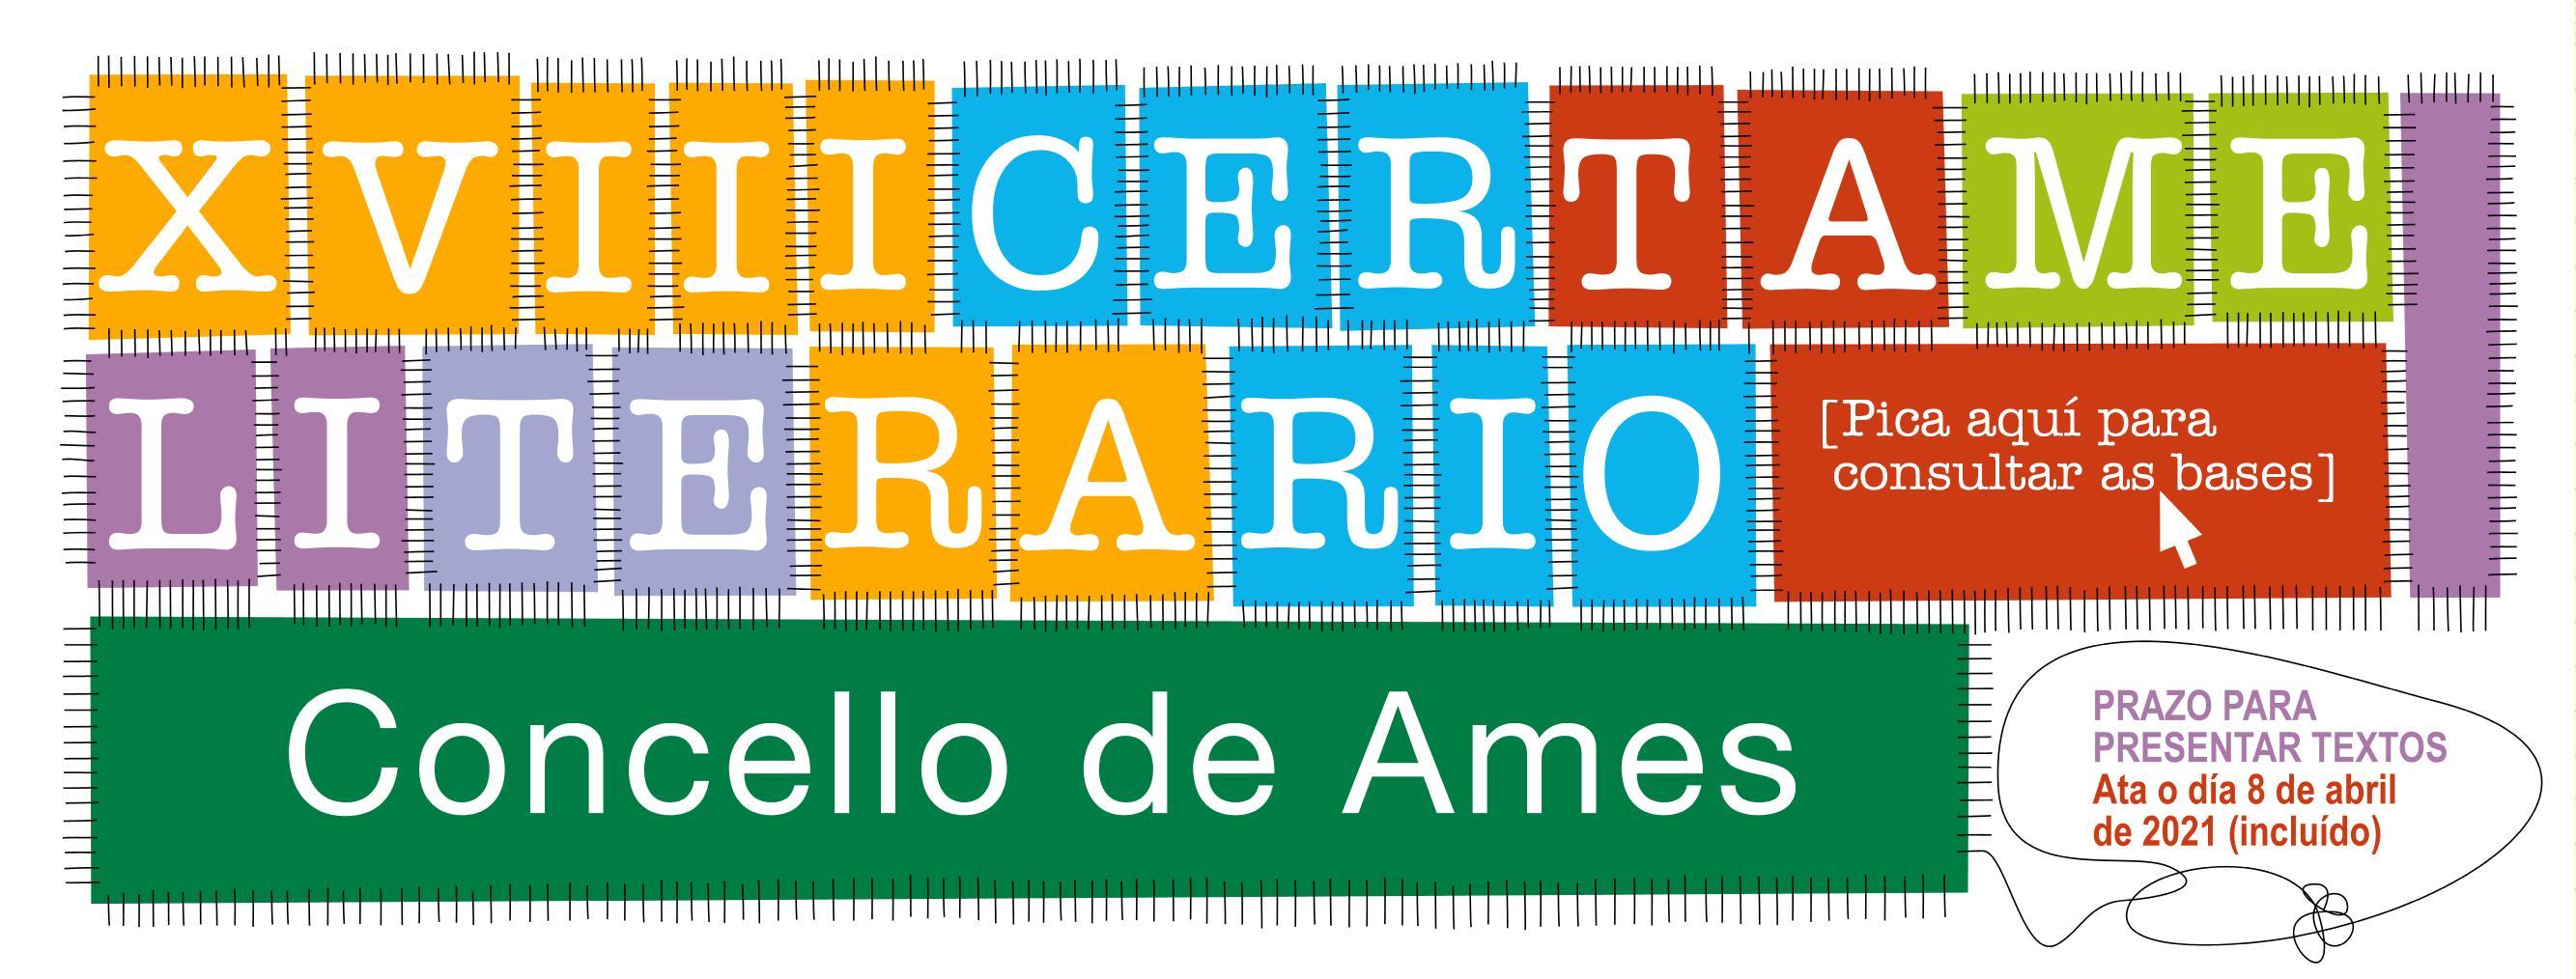 XVIII Certame Literario do Concello de Ames 2021